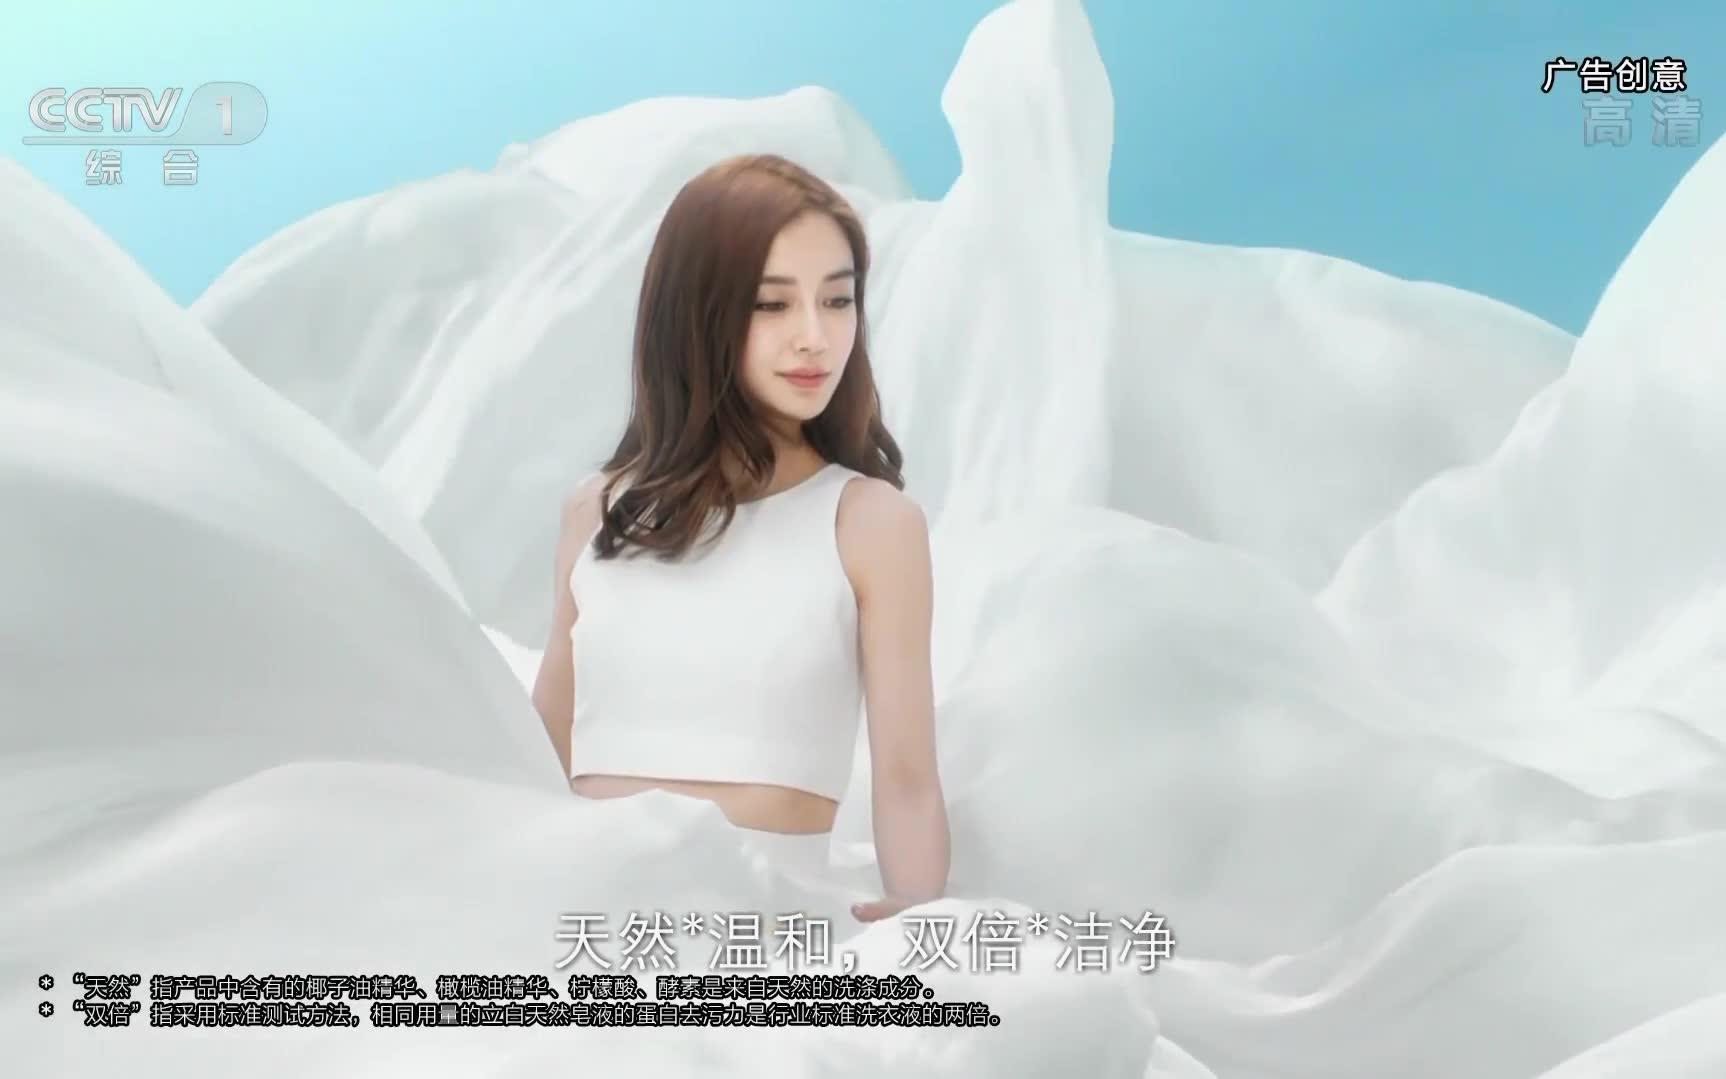 央视广告欣赏-立白天然皂液-2